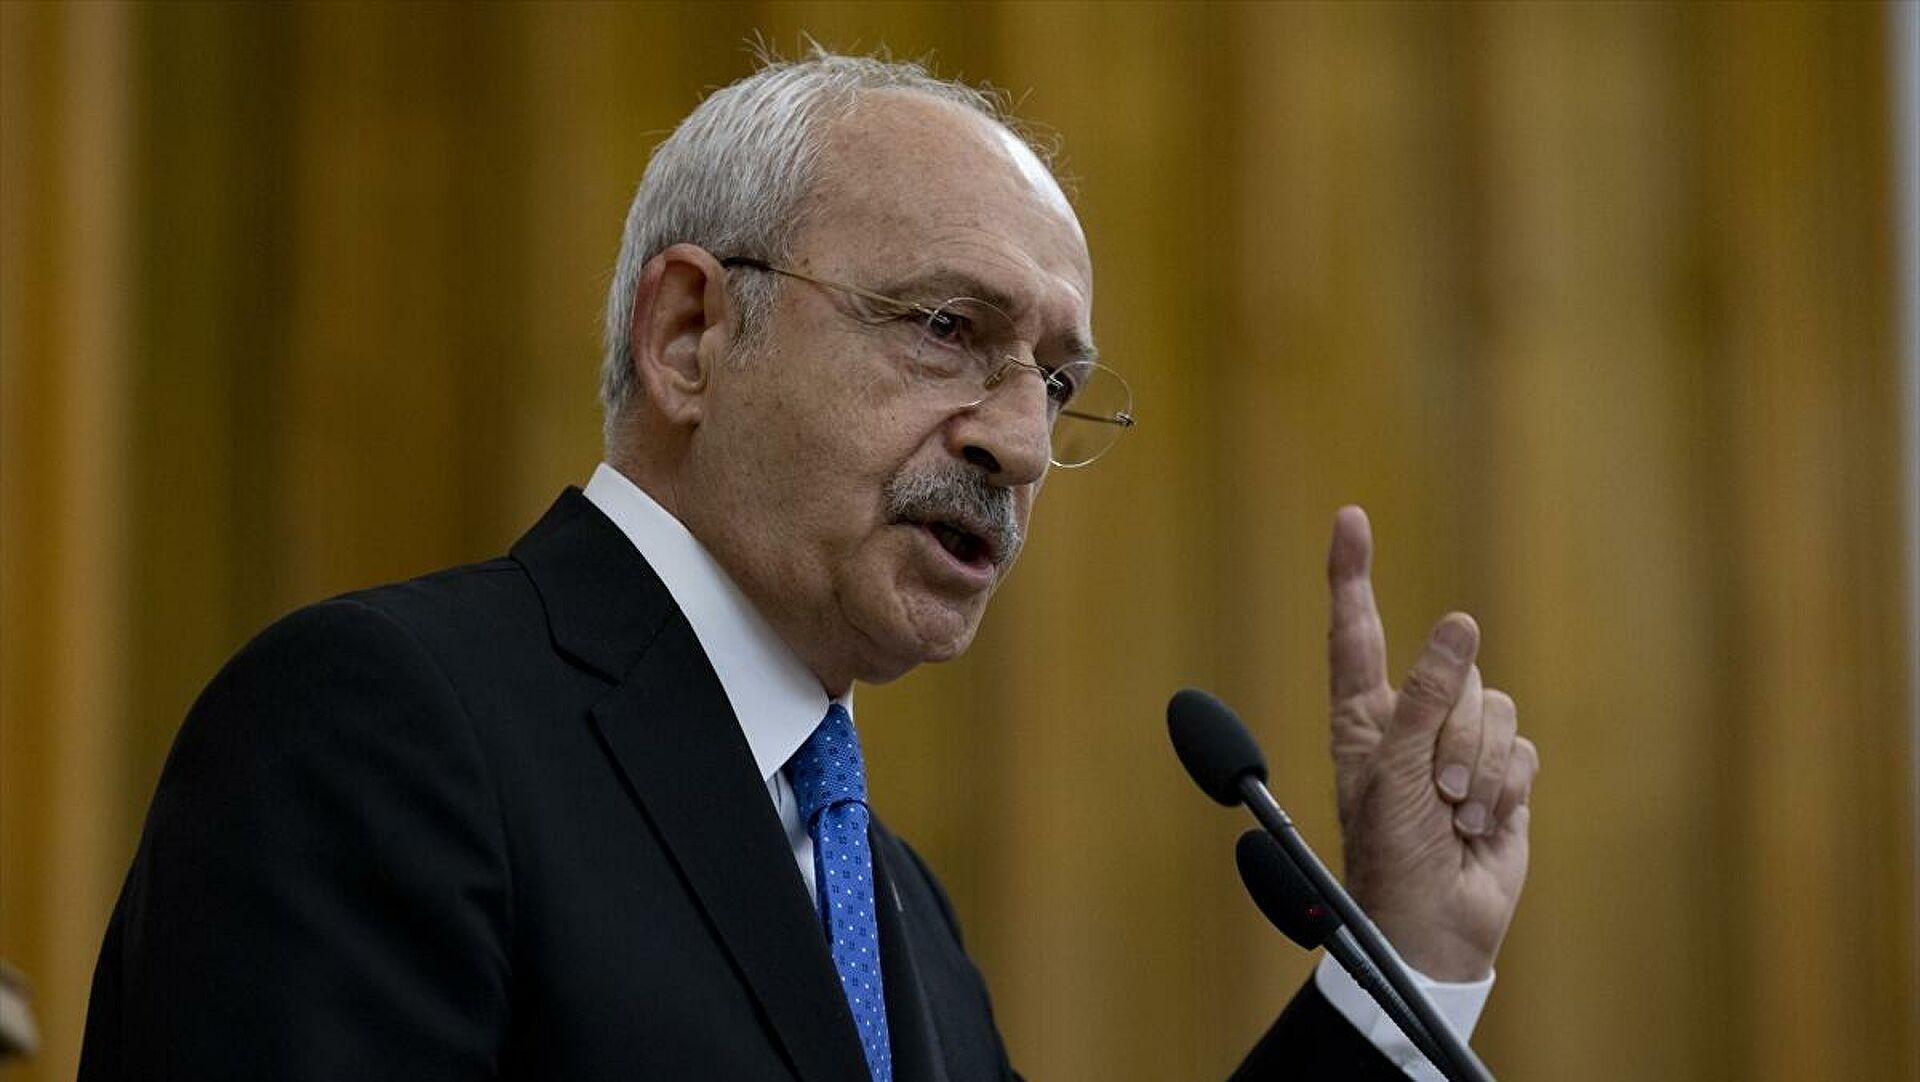 Kılıçdaroğlu'ndan tezkere açıklaması: Her dediğinin altına mühür mü basacağız!